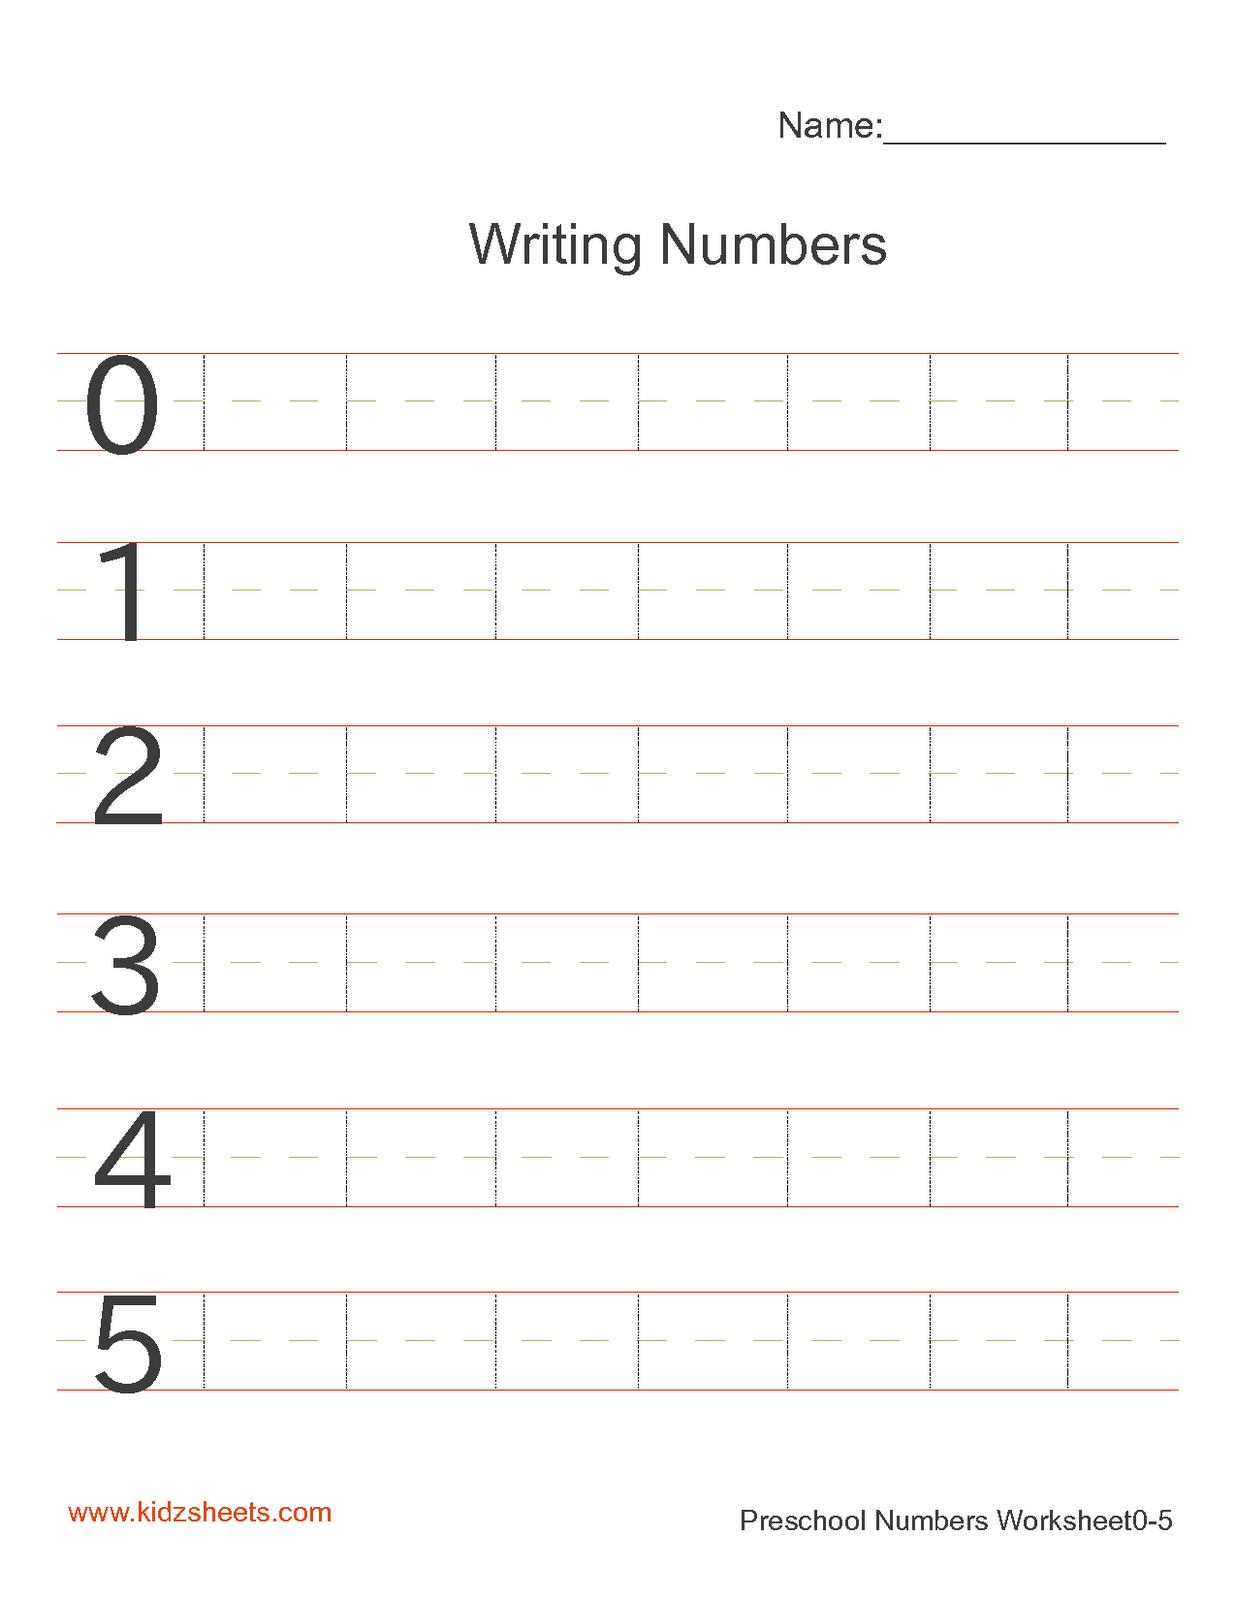 medium resolution of Kidz Worksheets: Preschool Writing Numbers Worksheet1